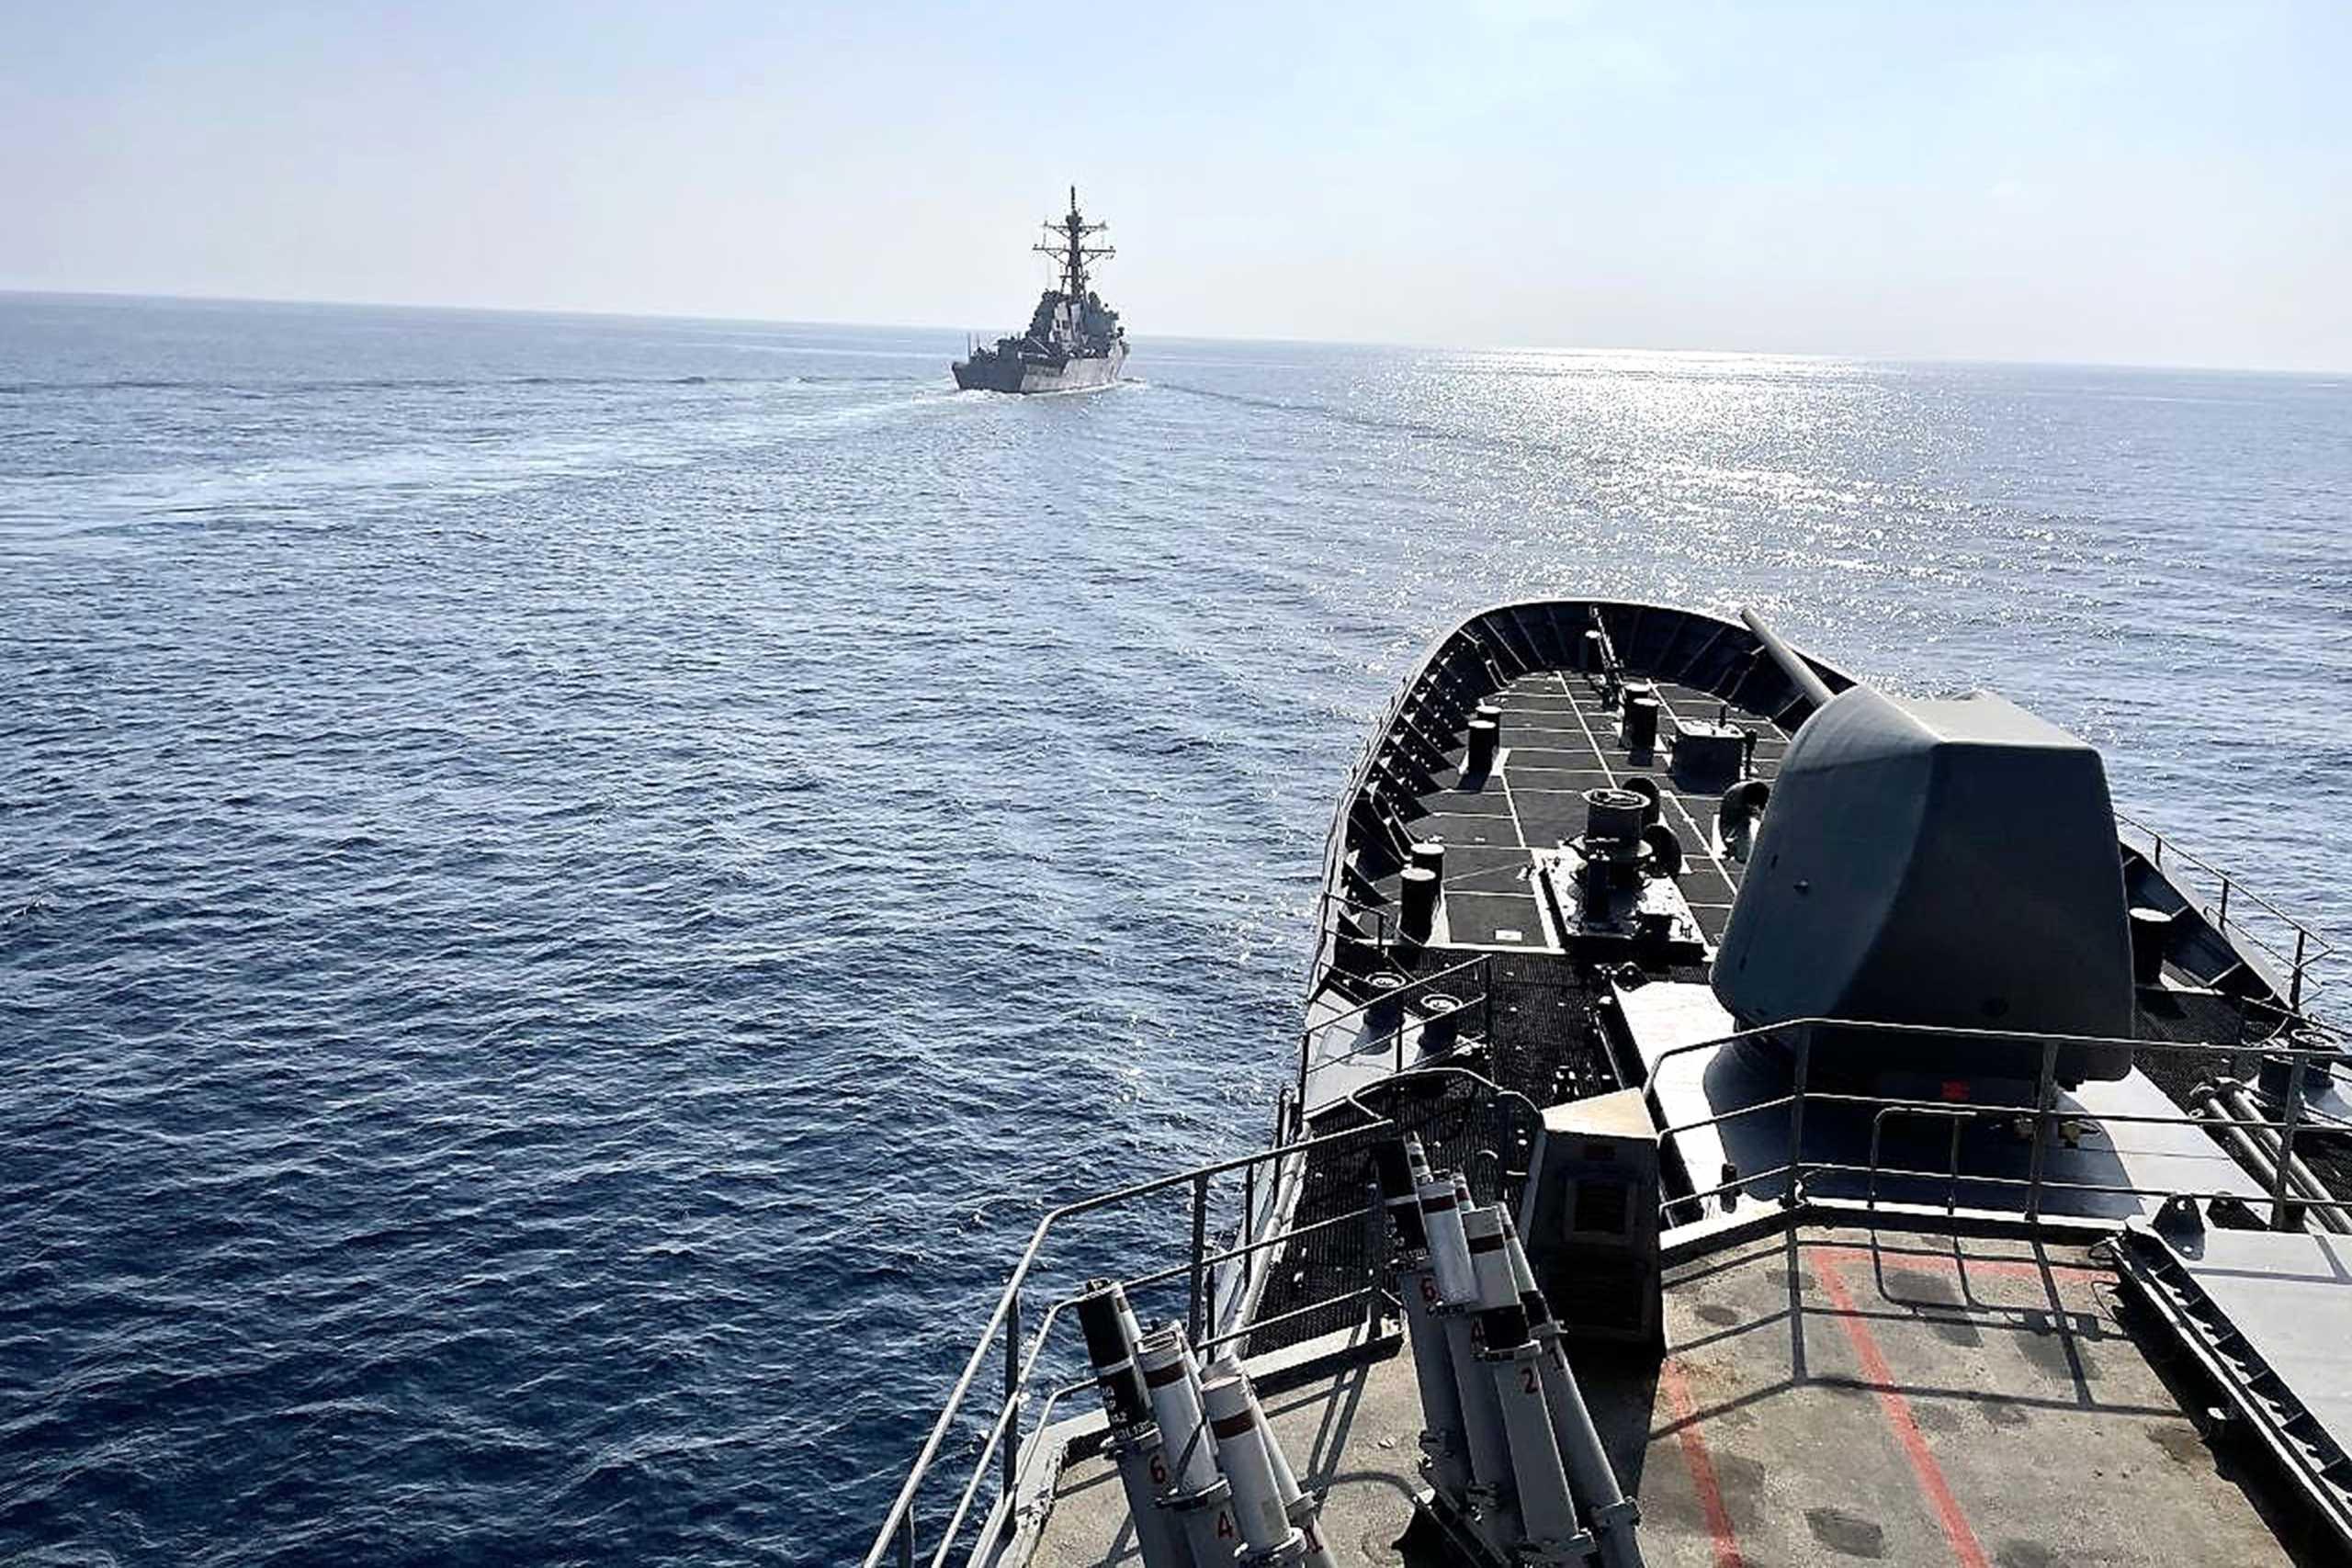 Τουρκική πρόκληση μέσα στην ελληνοαιγυπτιακή ΑΟΖ – Προσπάθησαν να διώξουν γαλλικό πλοίο